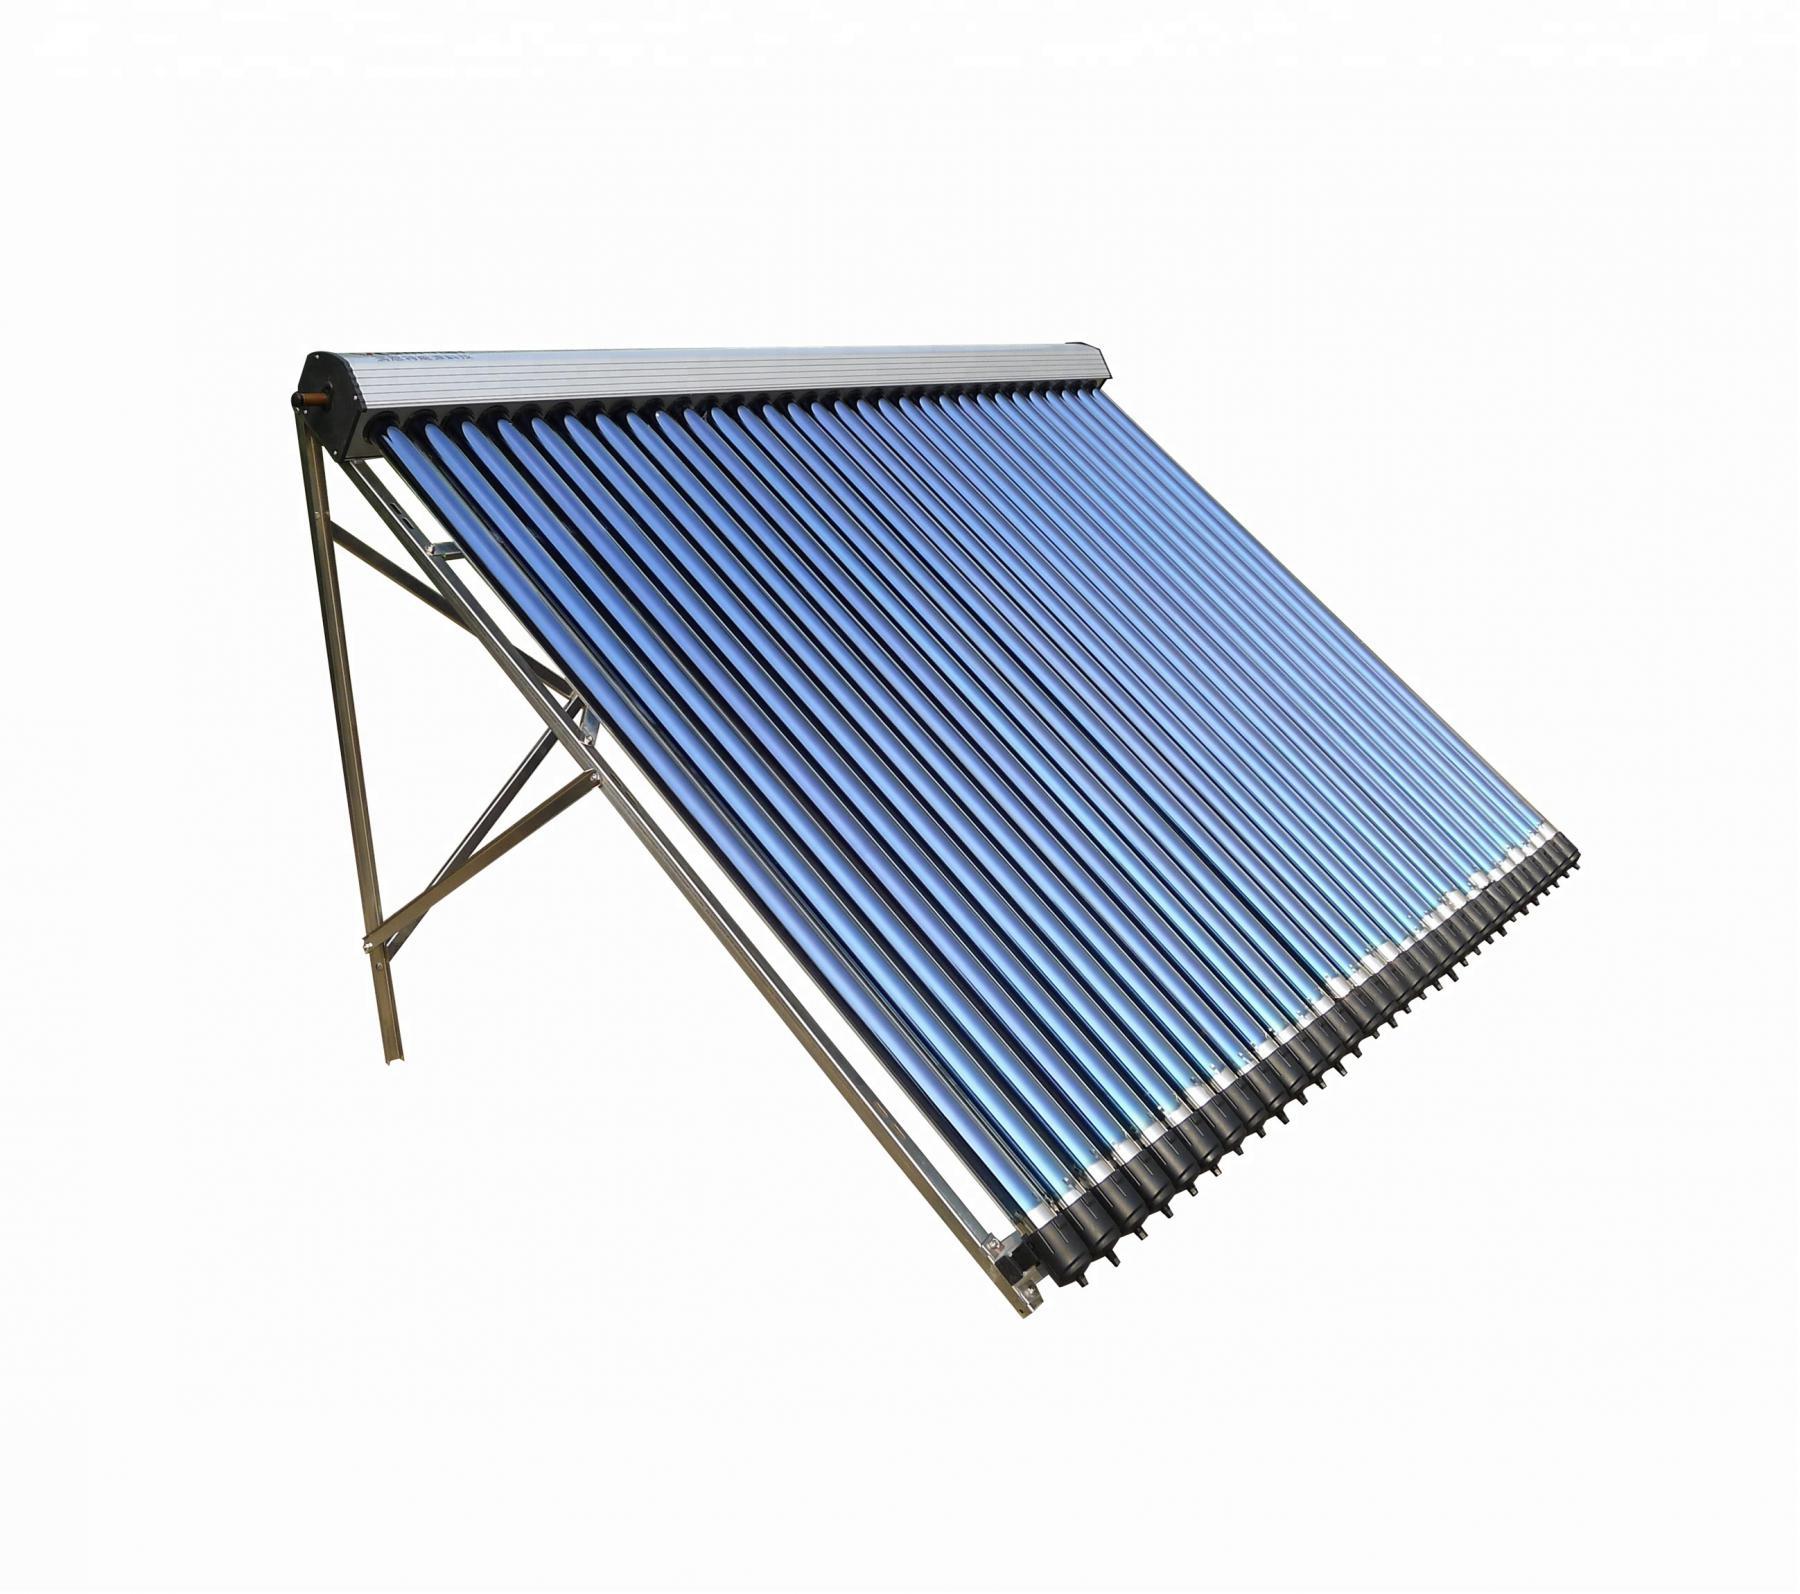 Солнечные коллекторы: преимущества и недостатки